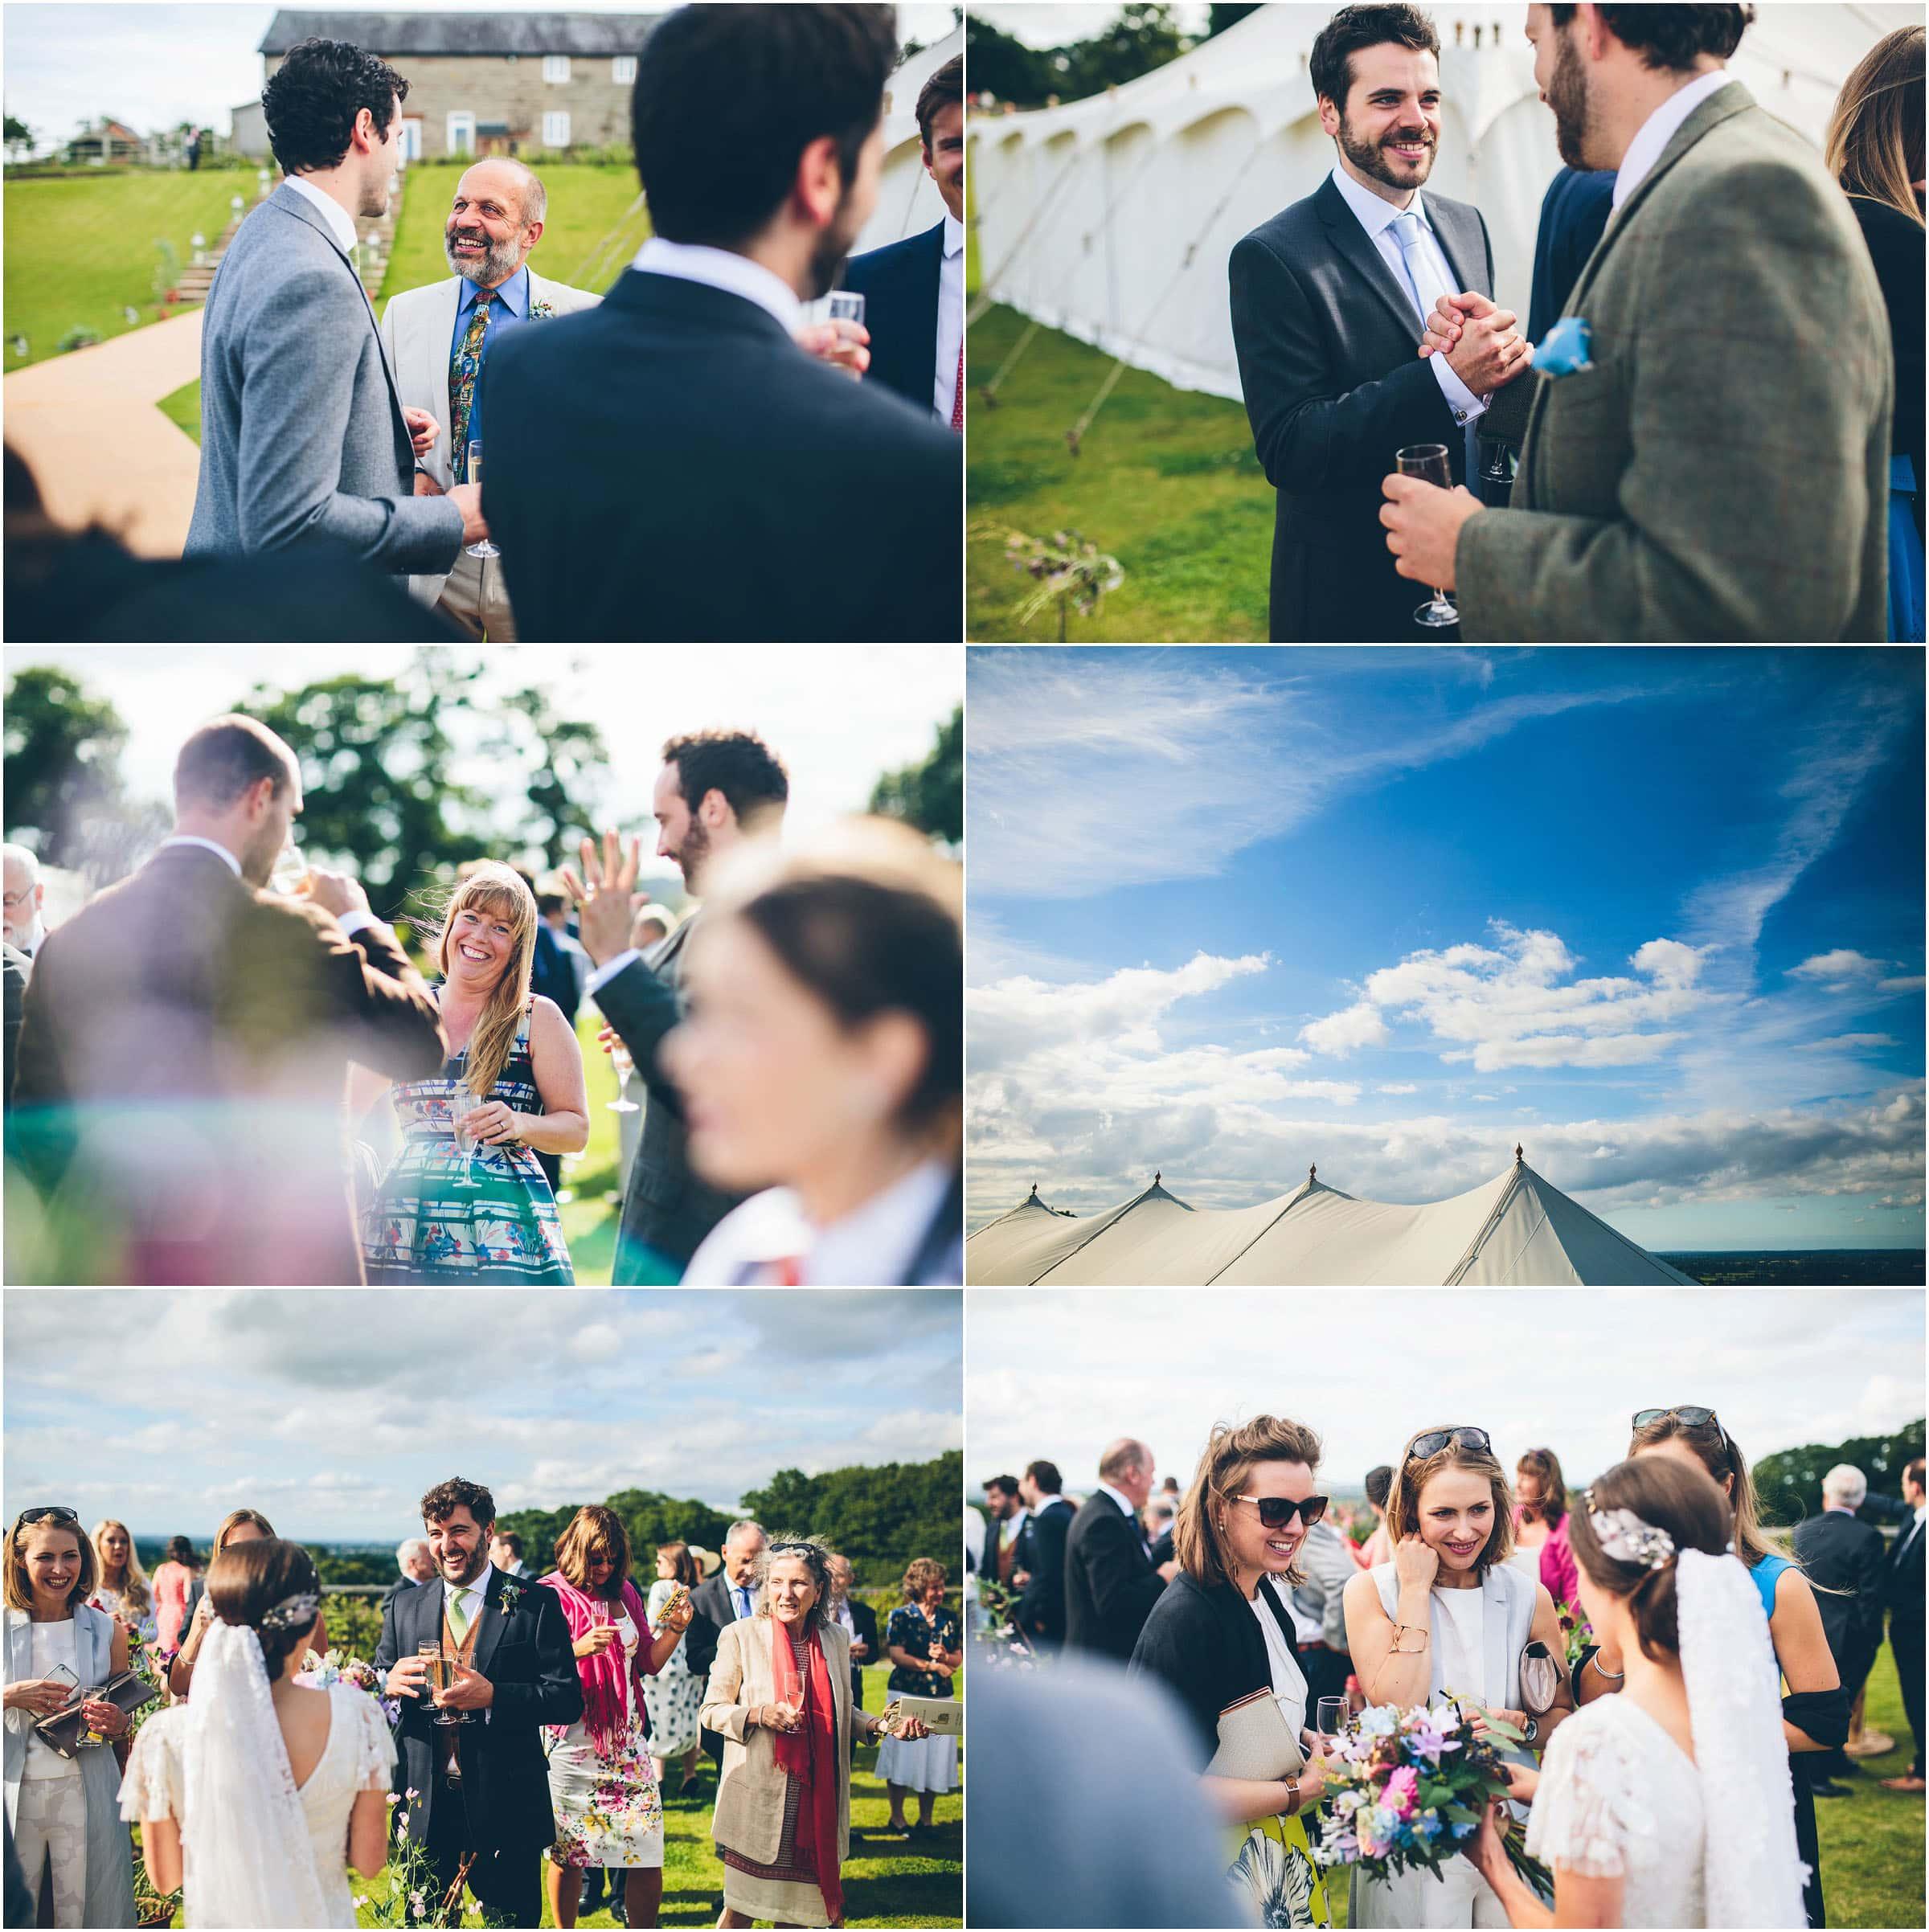 Harthill_Weddings_Wedding_Photography_0089